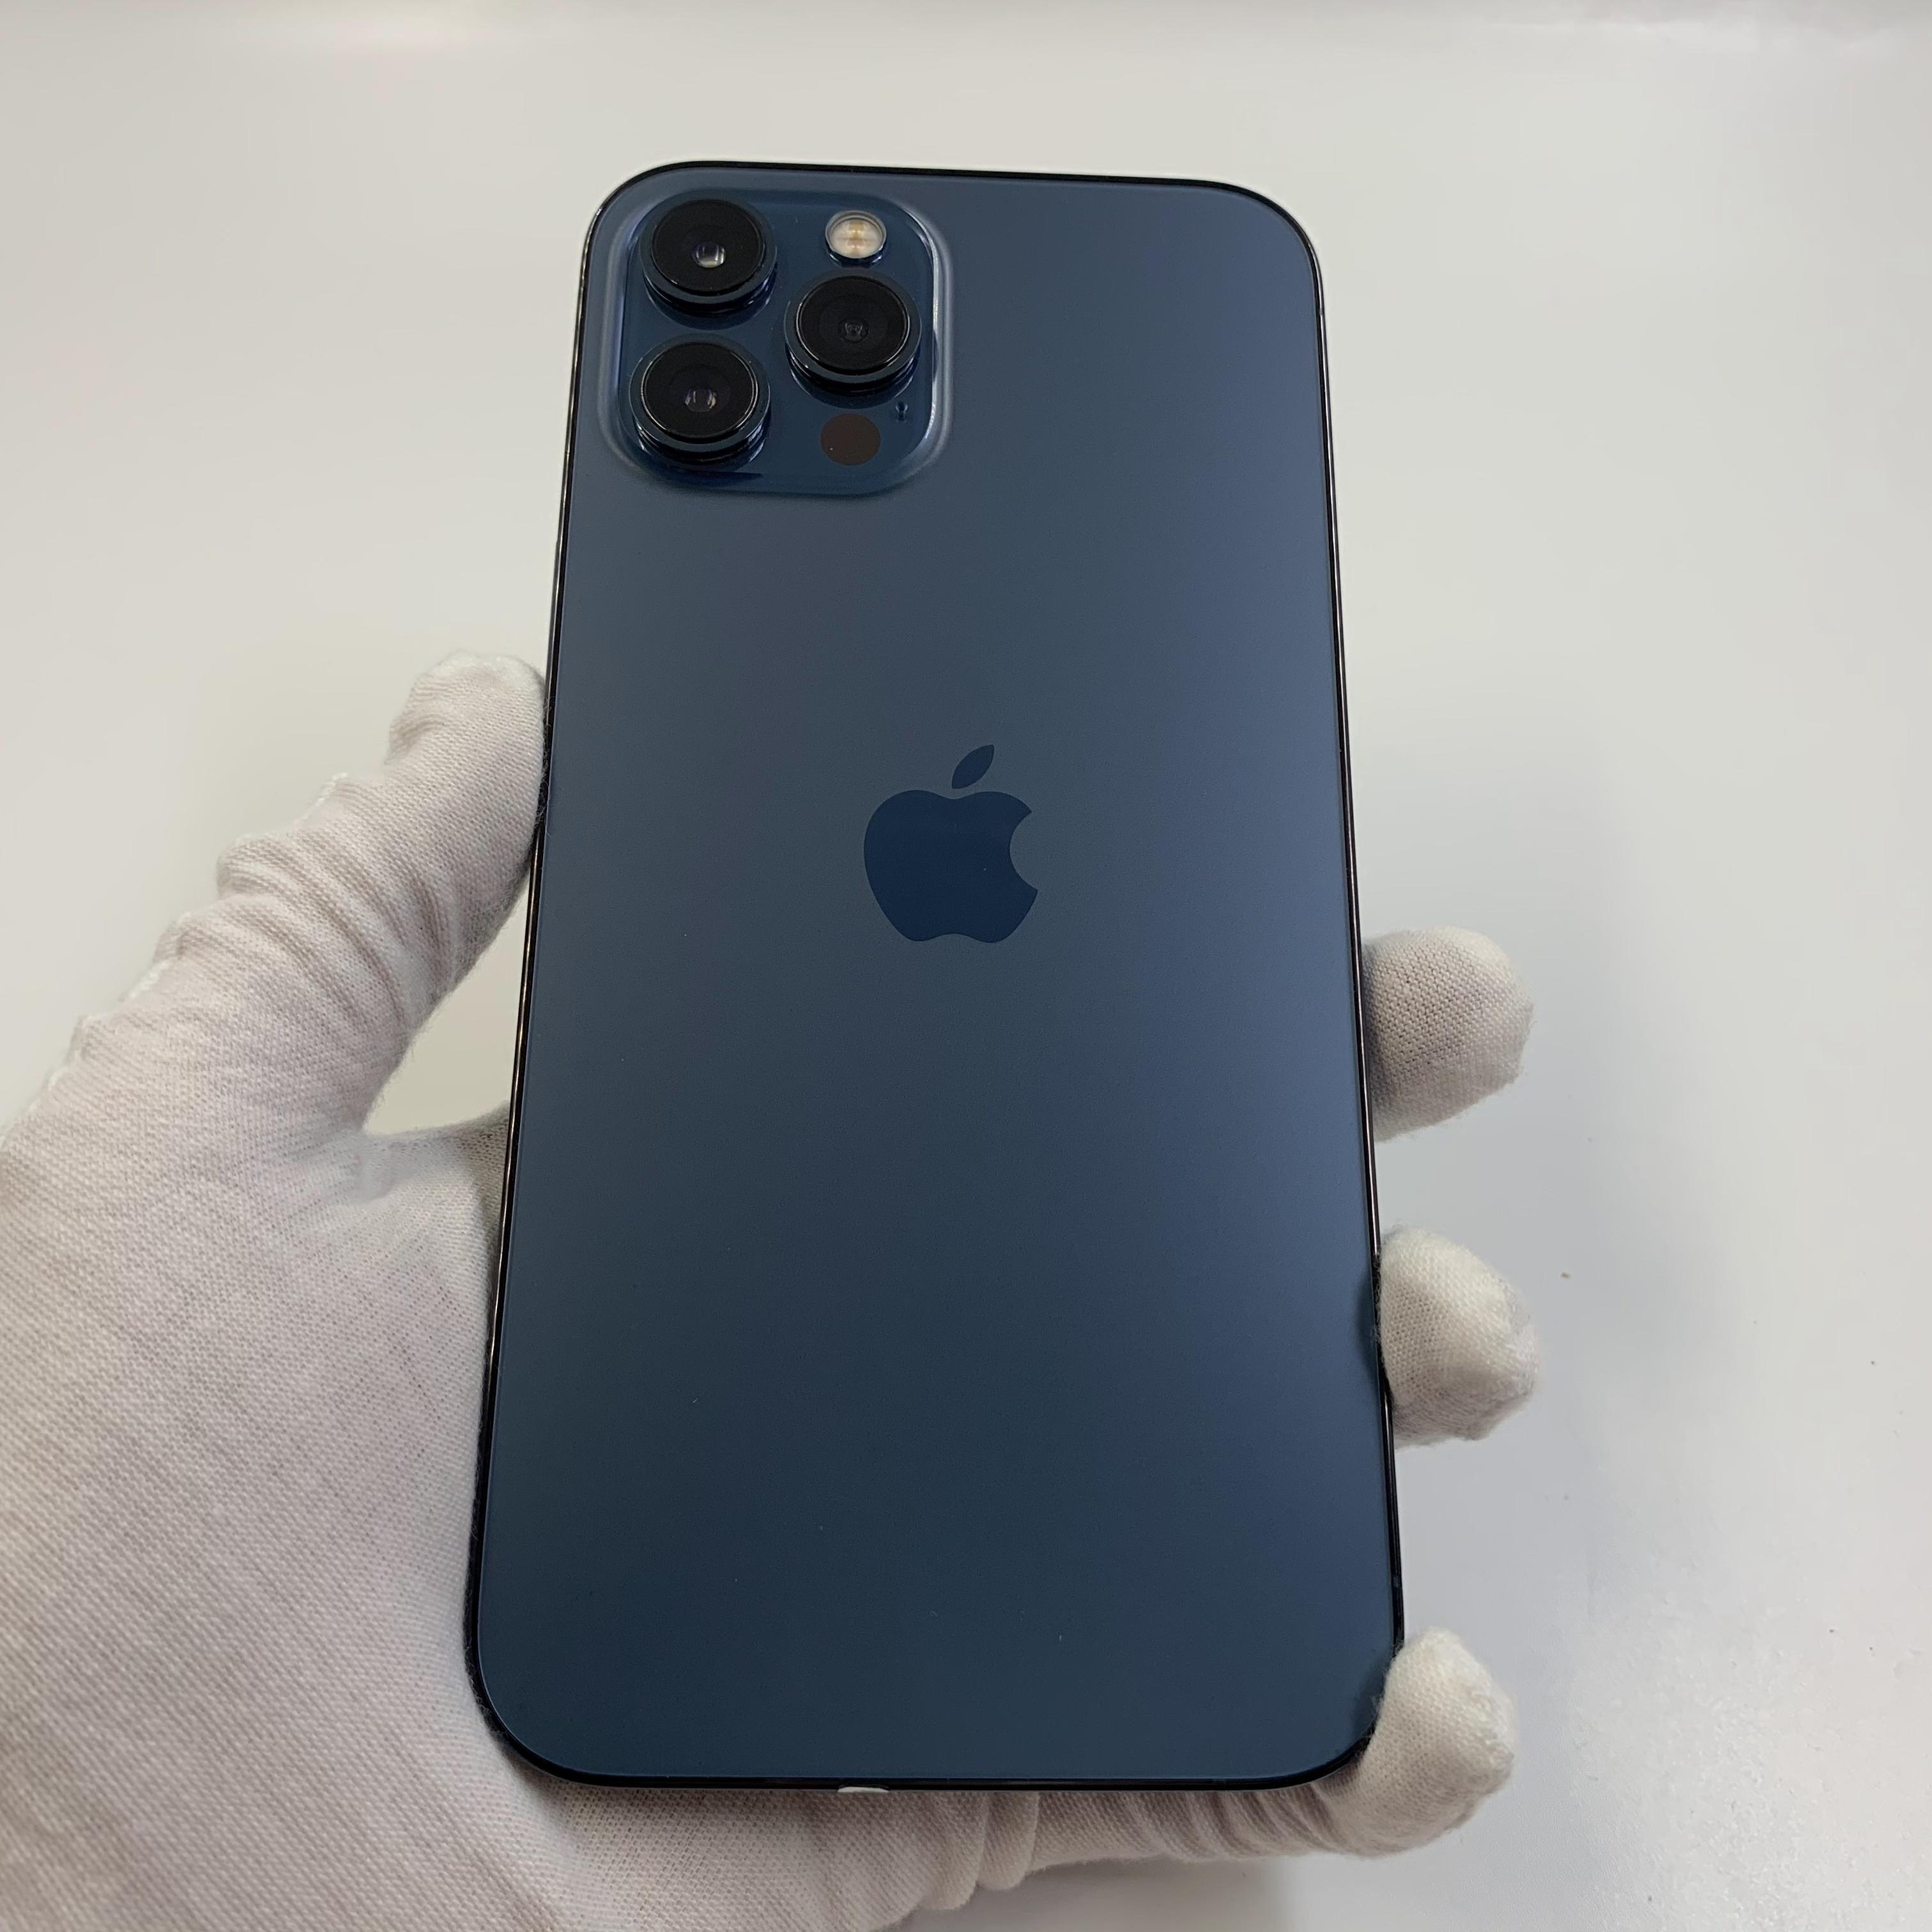 苹果【iPhone 12 Pro Max】5G全网通 海蓝色 256G 国行 8成新 真机实拍官保2021-11-27